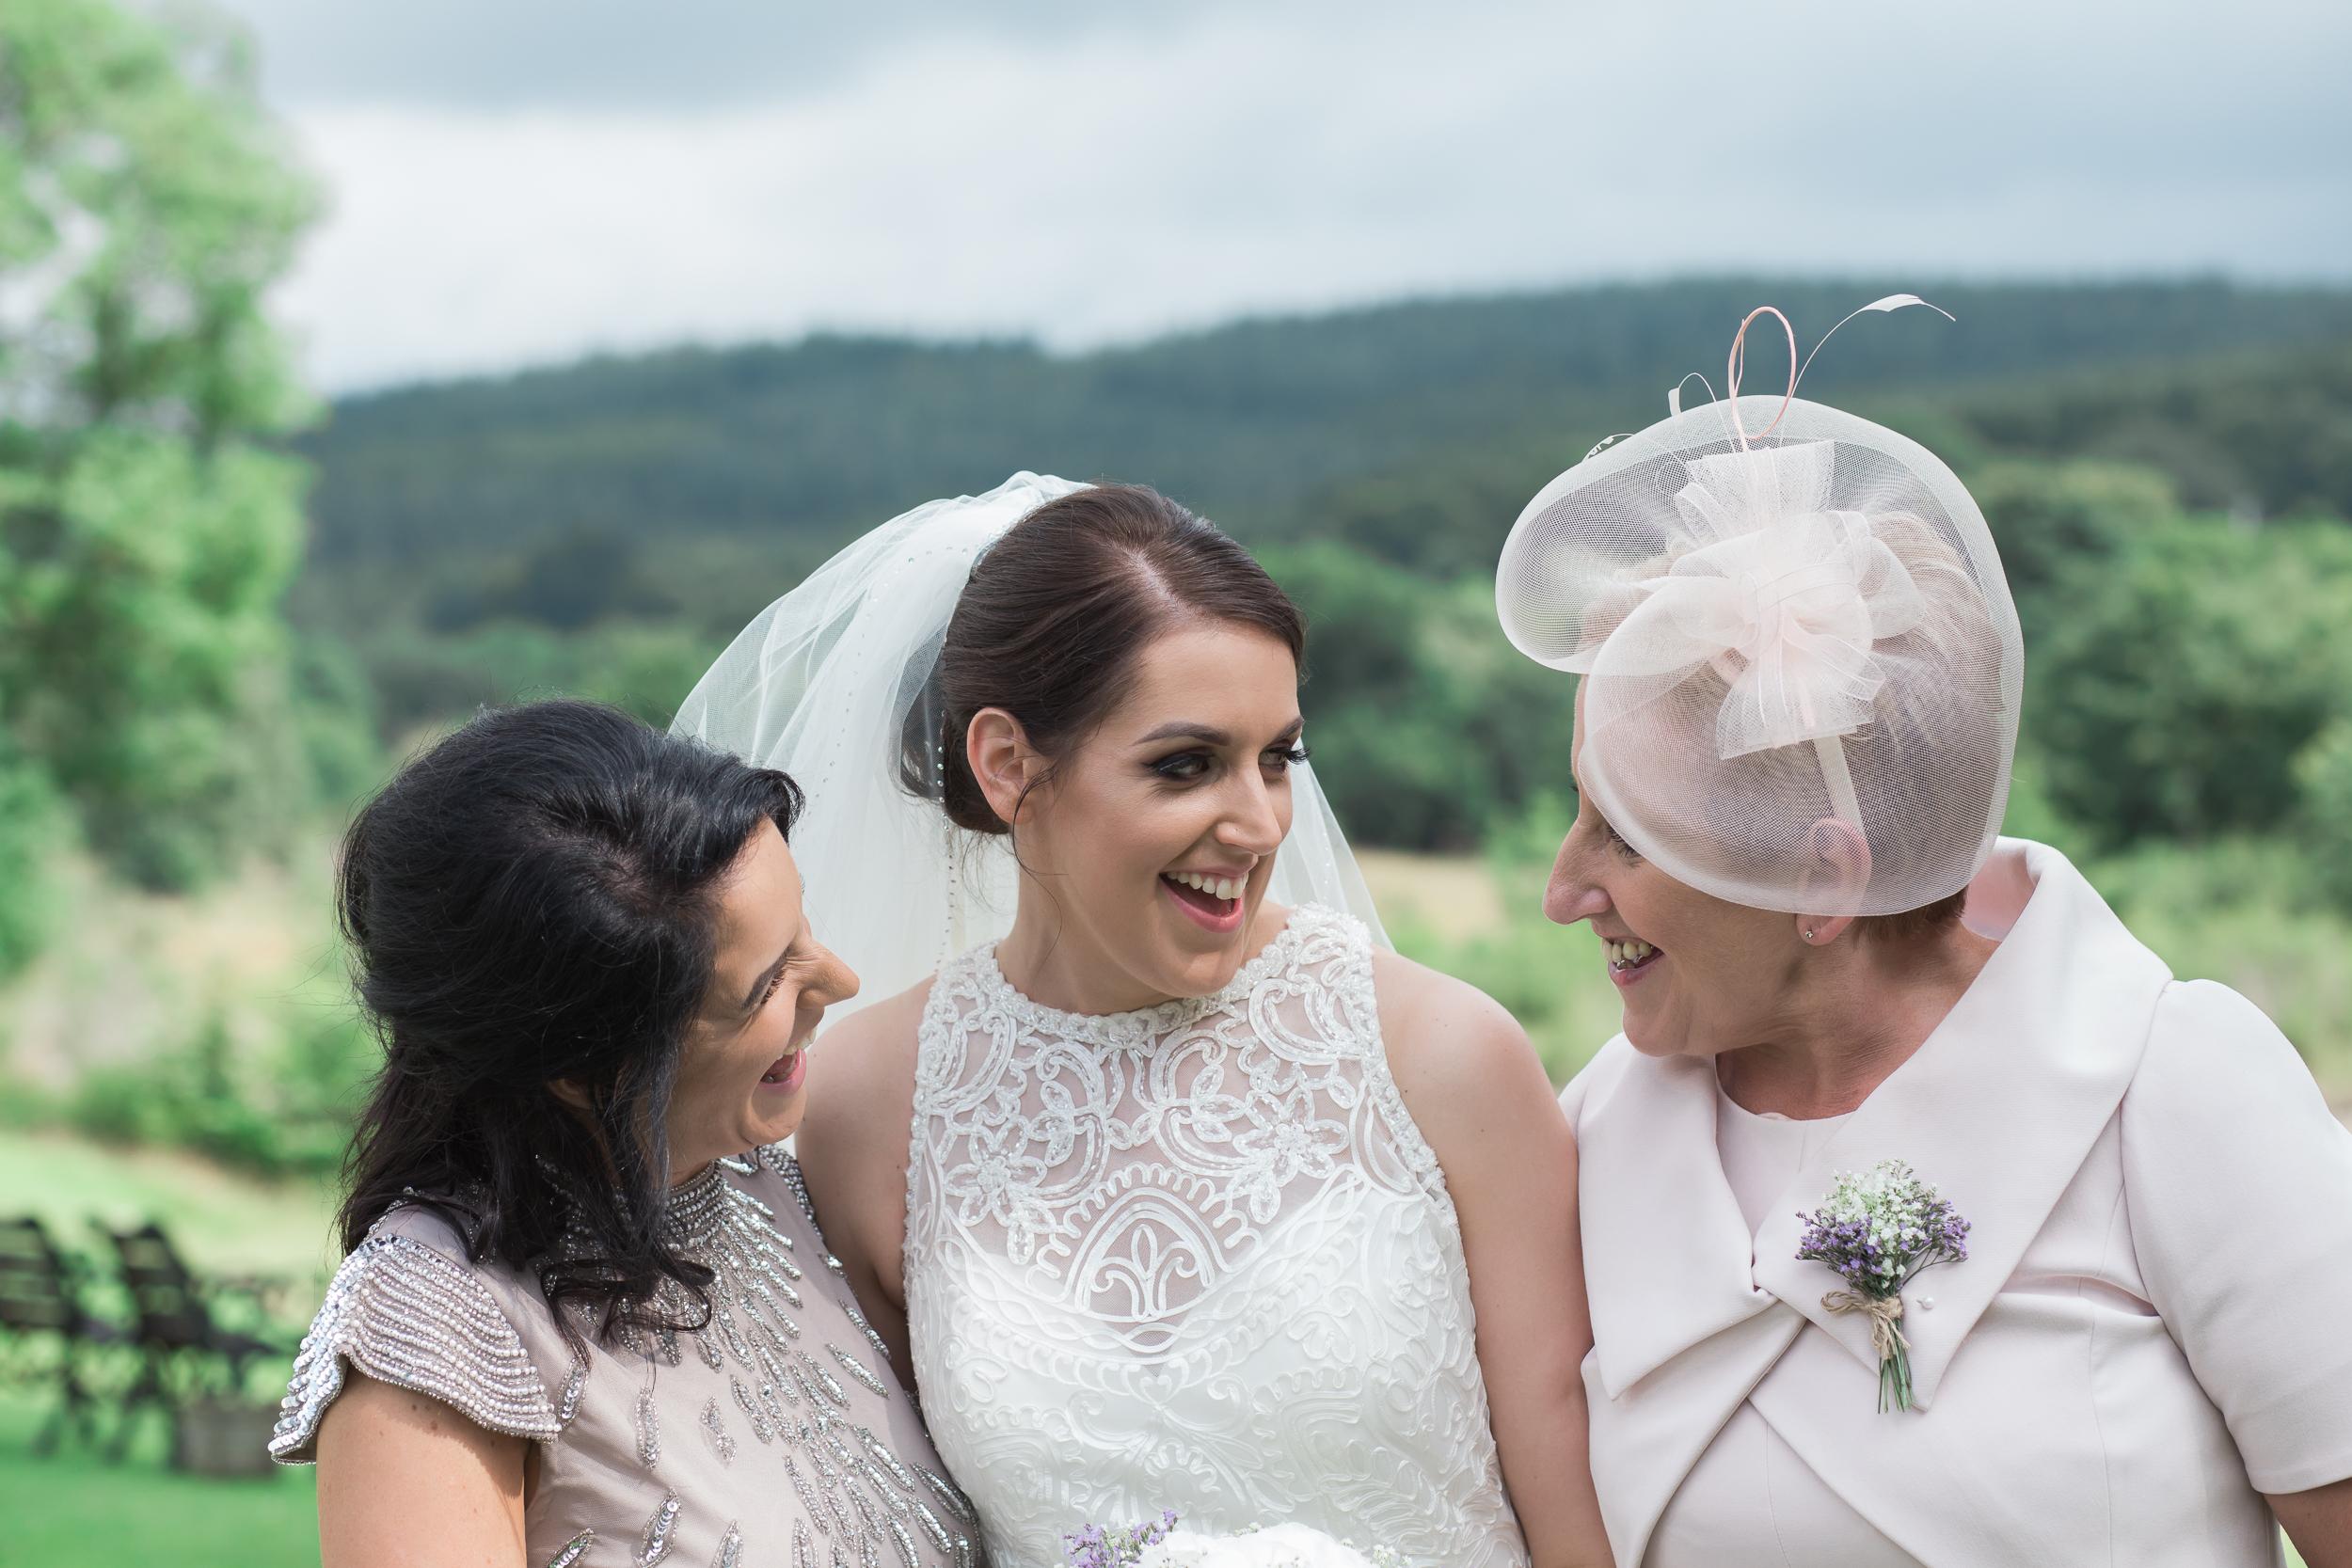 banchorylodgeweddingphotography (13 of 21).jpg